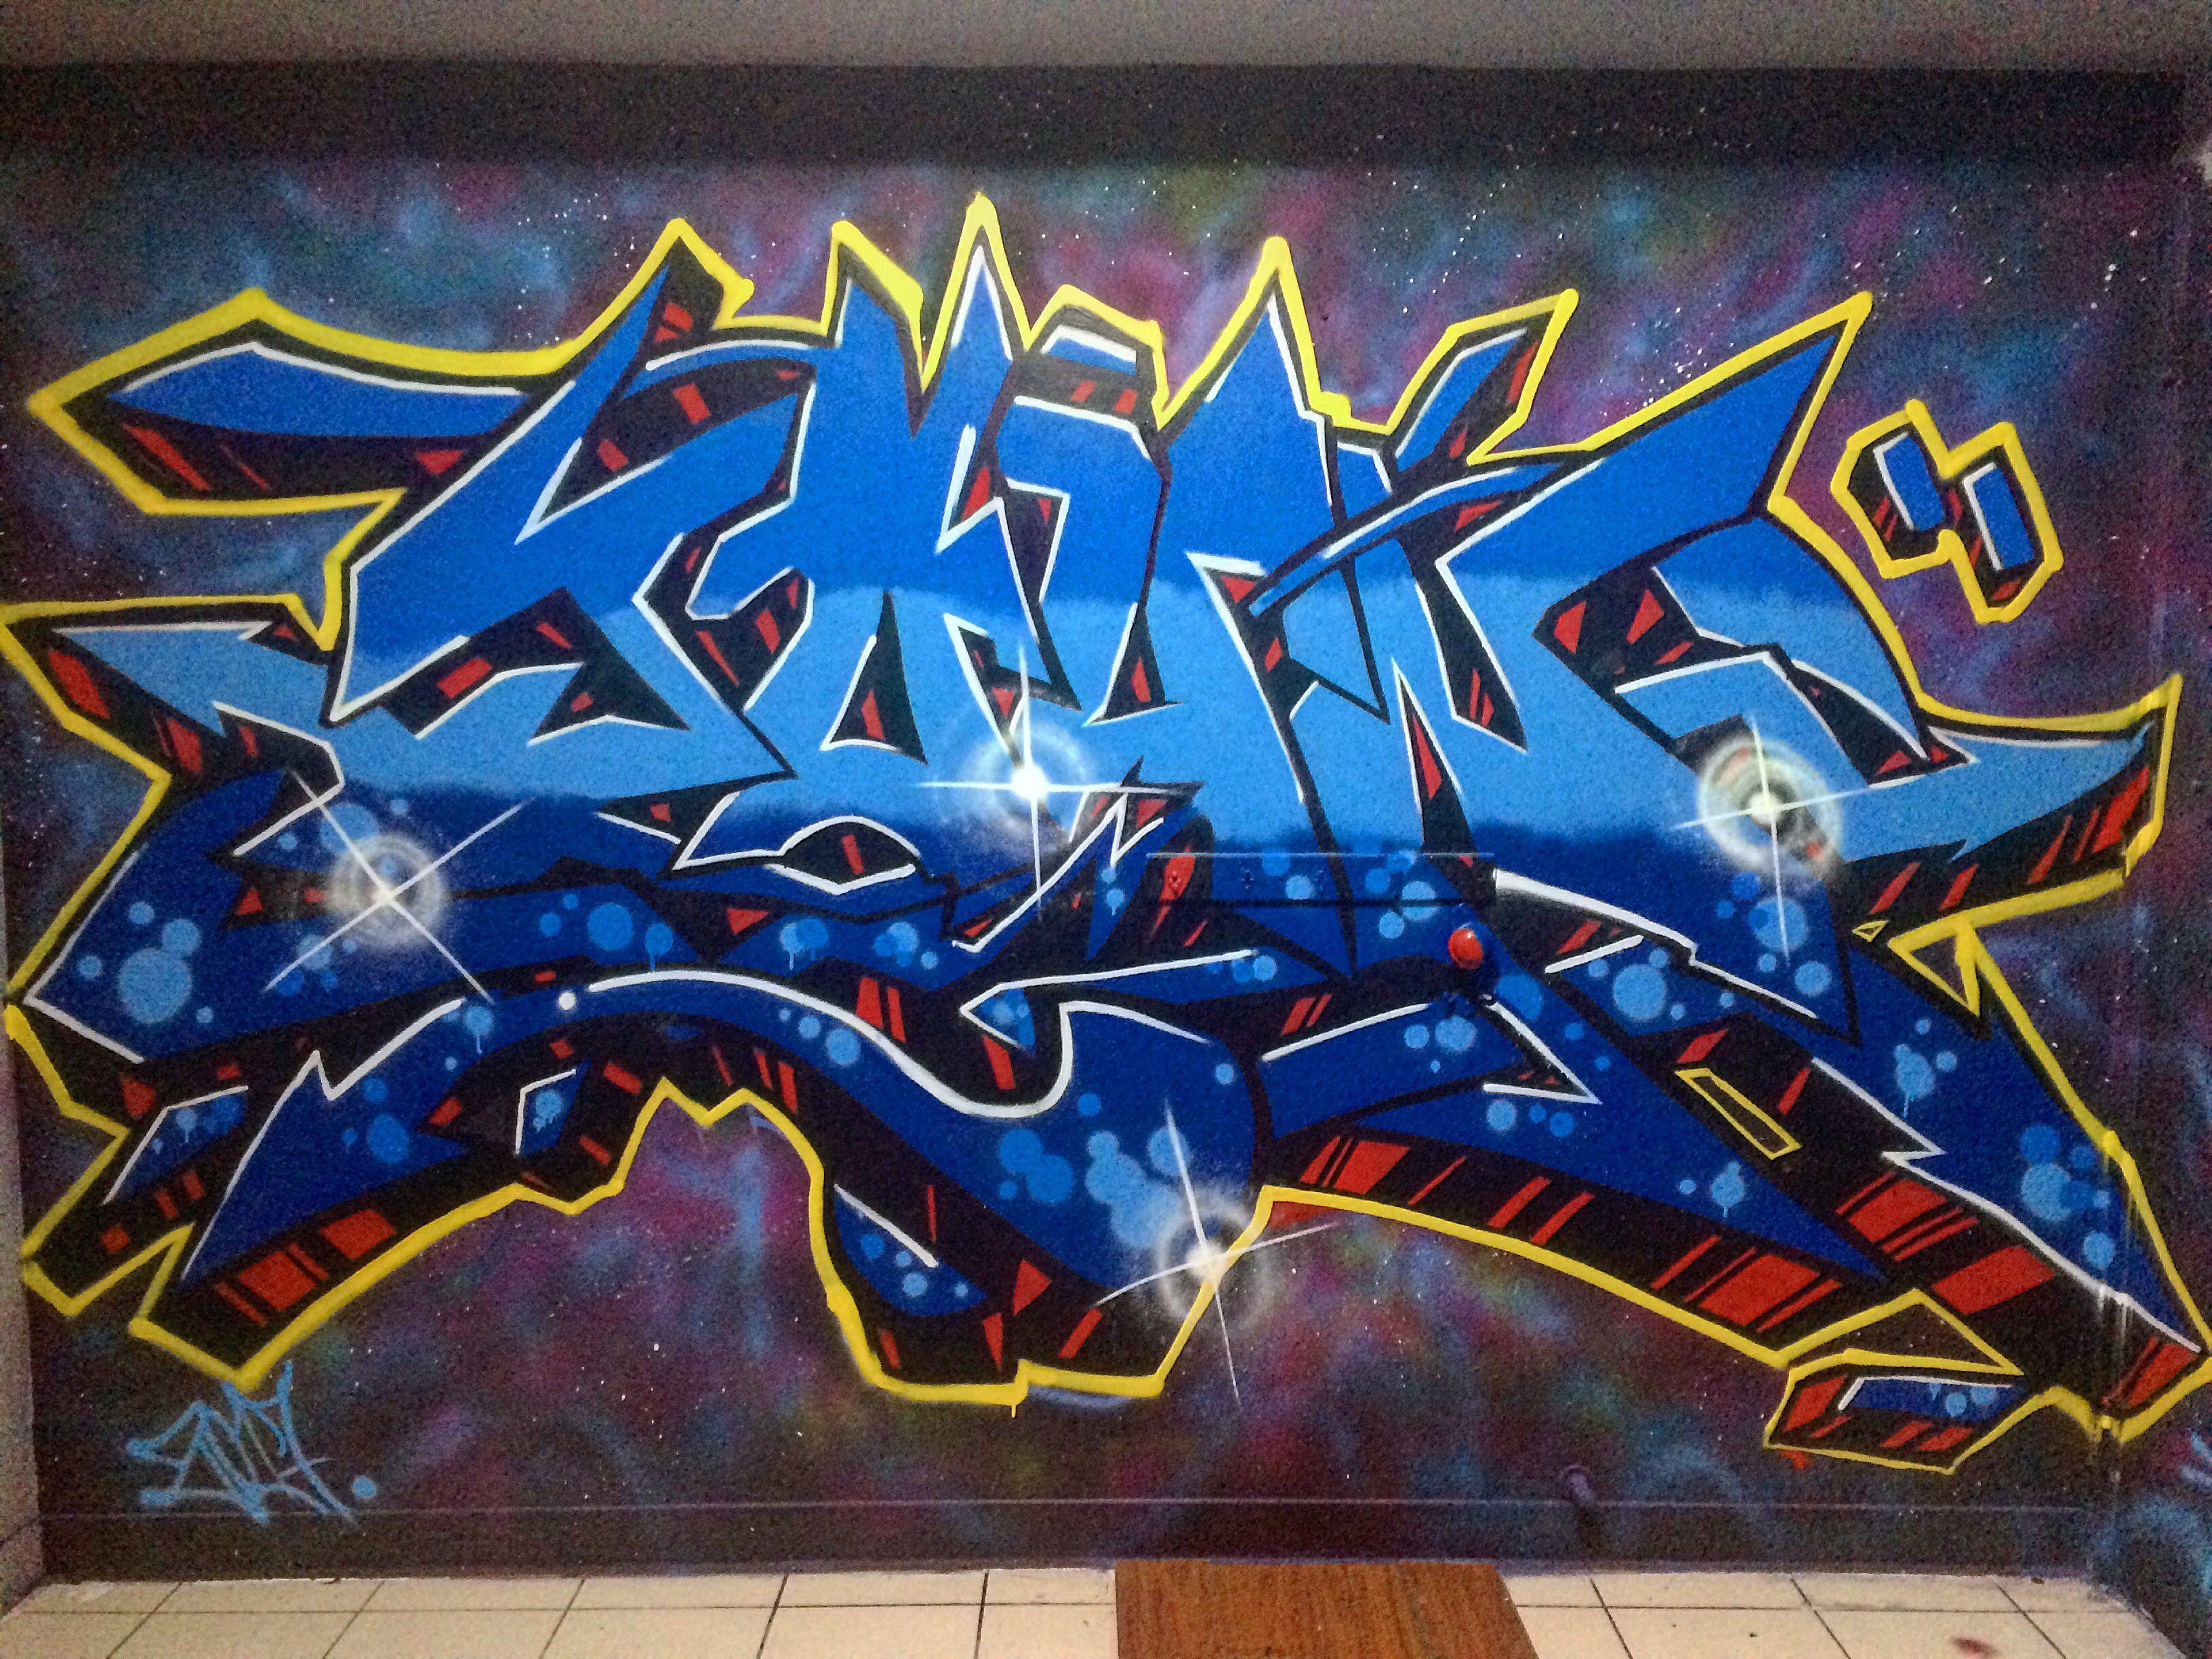 My wildstyle piece graffiti wildstyle handstyle piece